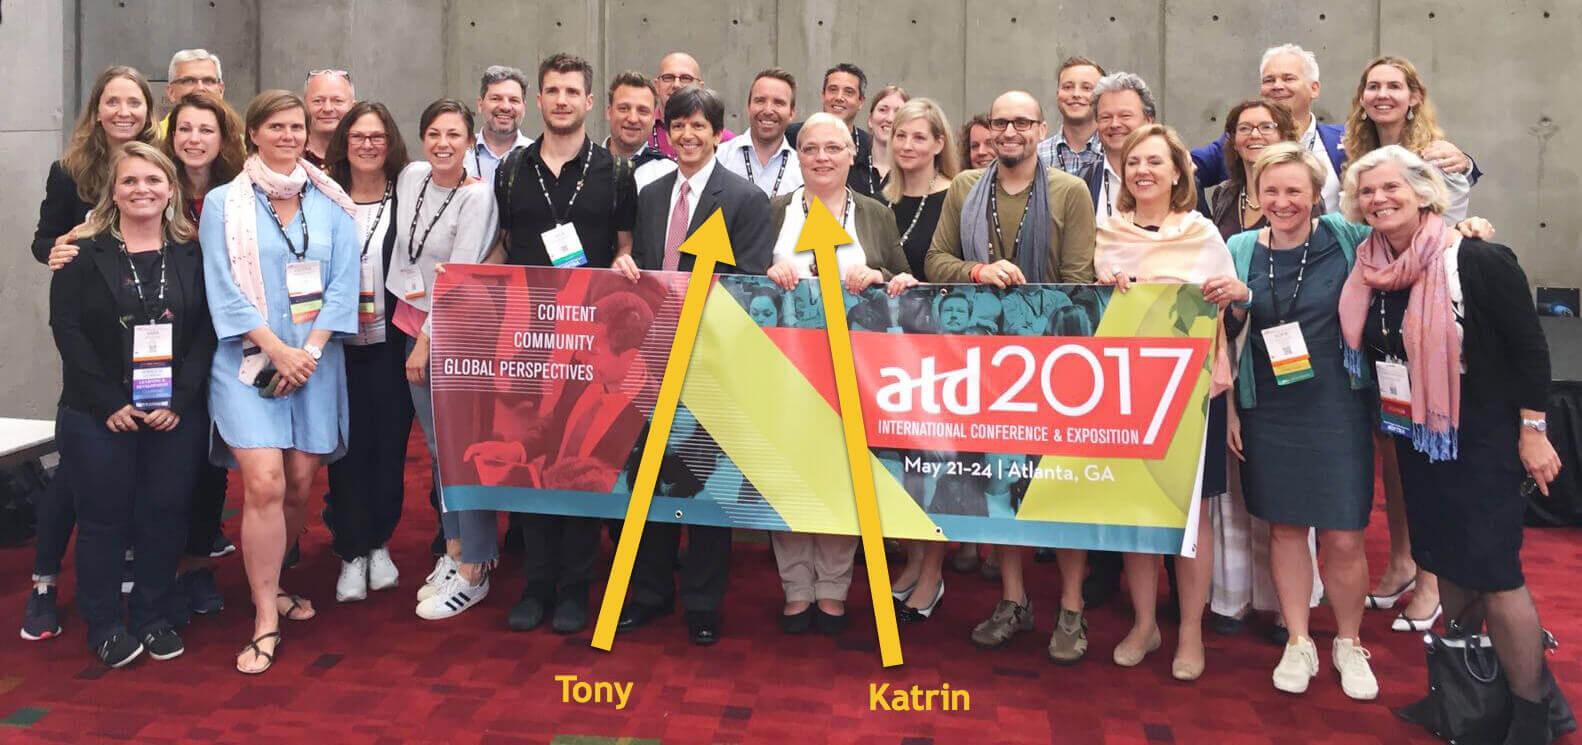 Nederbelgische delegatie ATD 2017